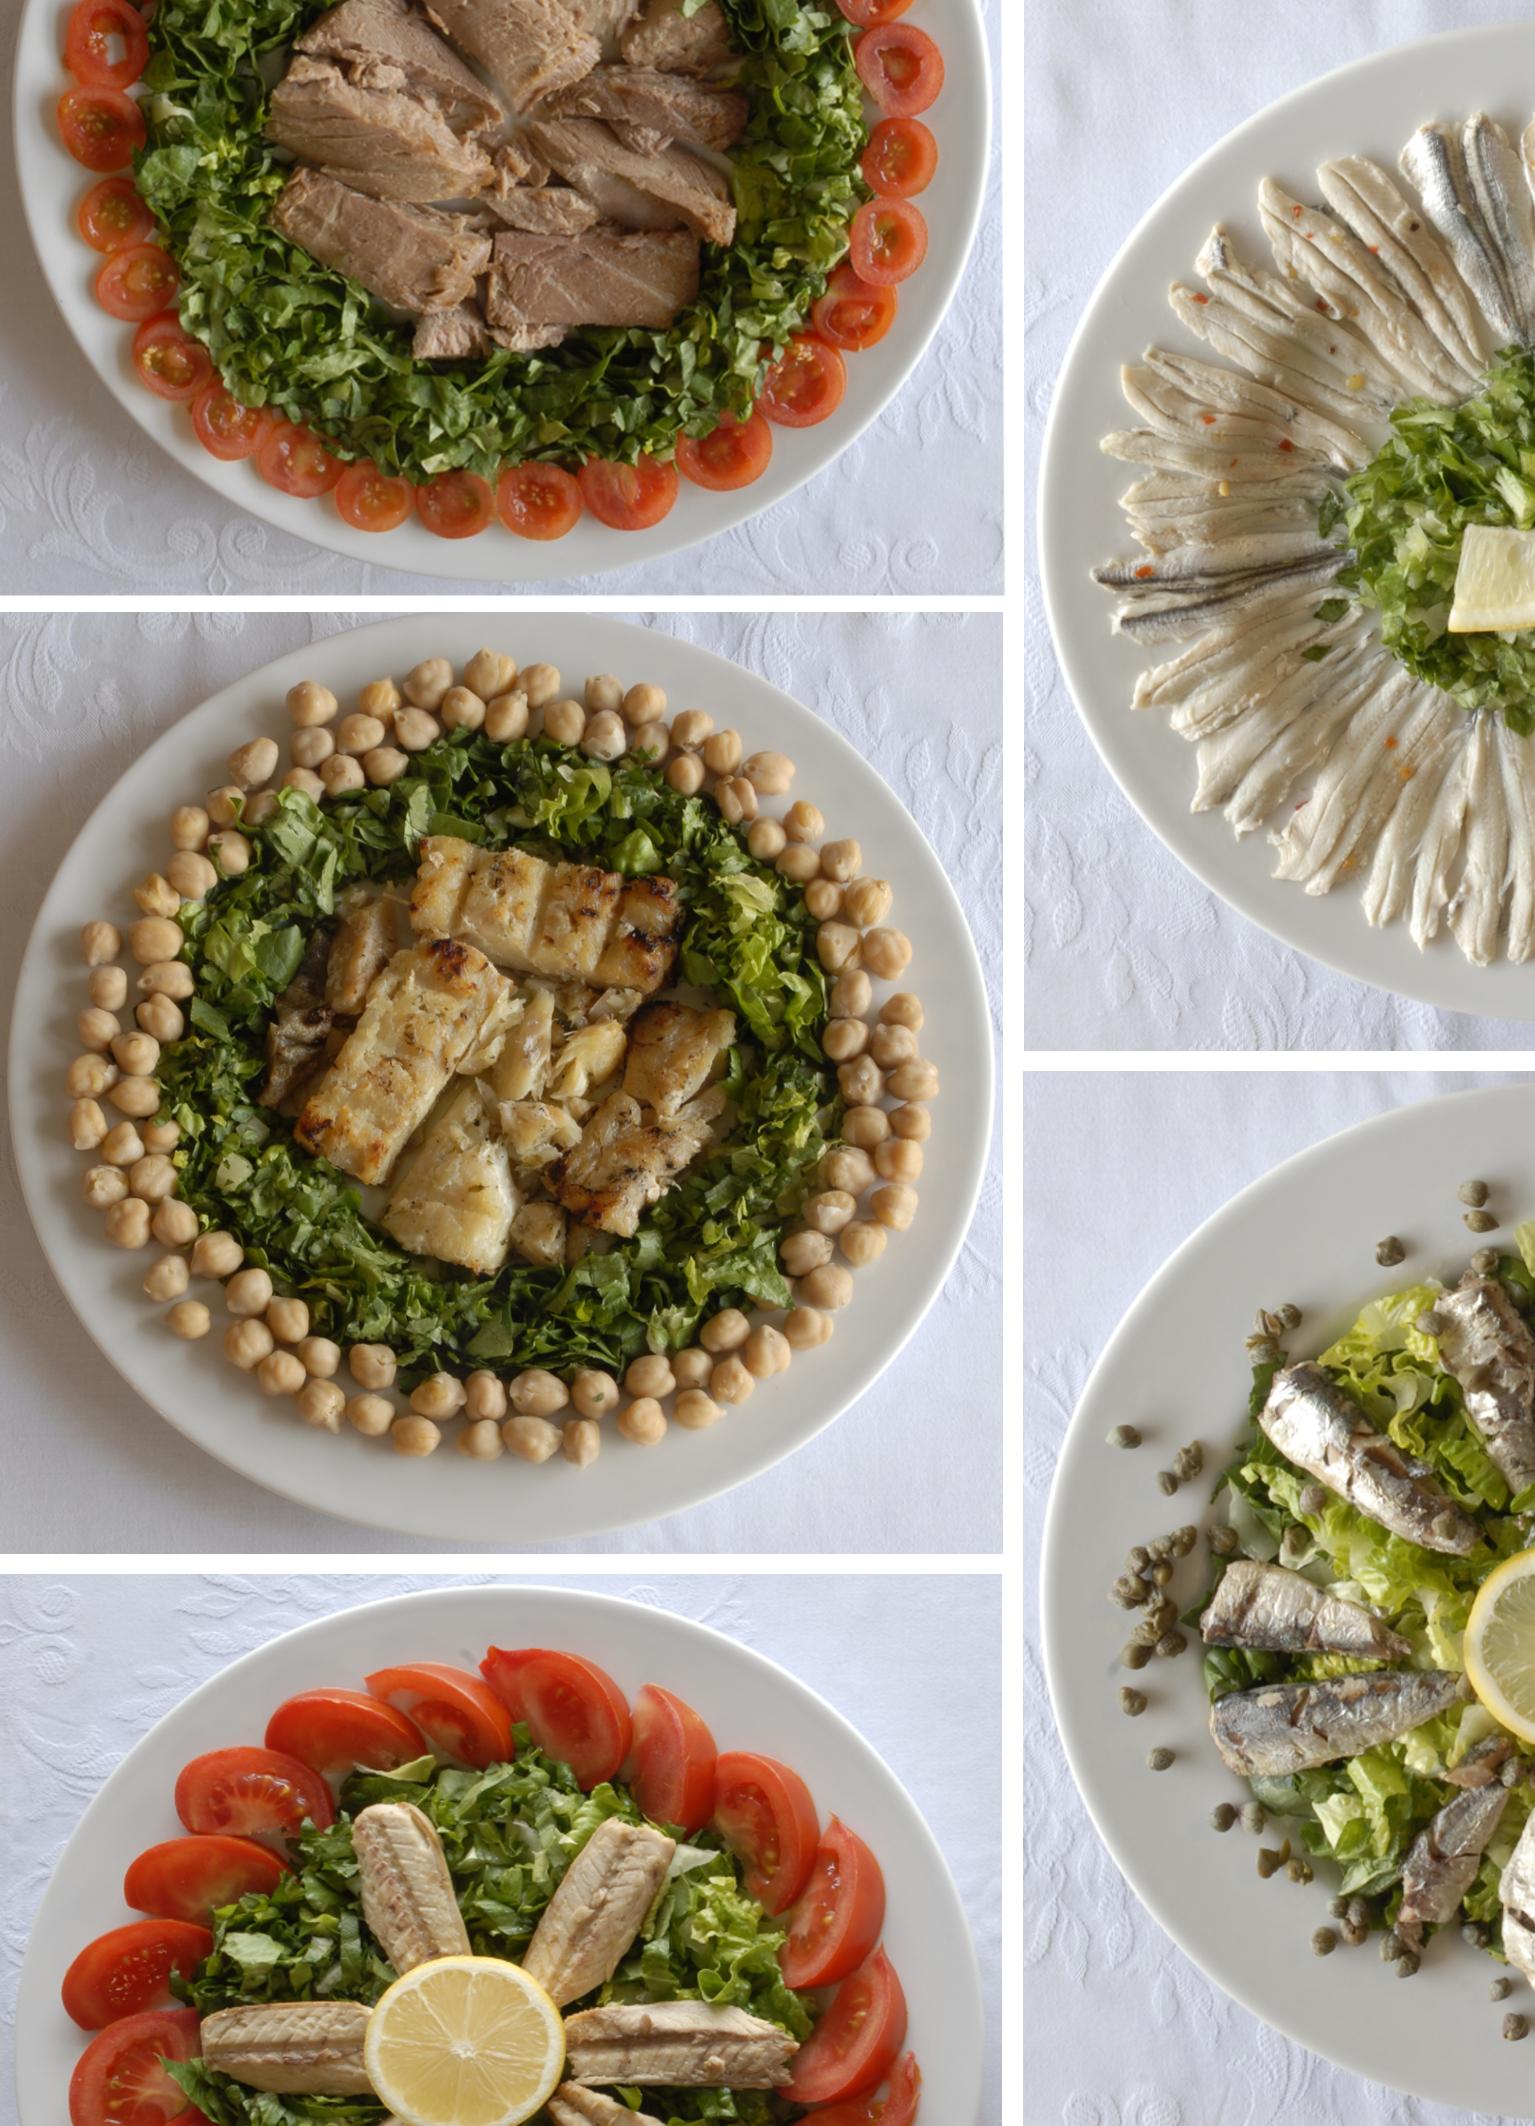 La Papperia prodotti tipici Alzate Brianza (COMO) sapori di mare piatti di pesce foto menù